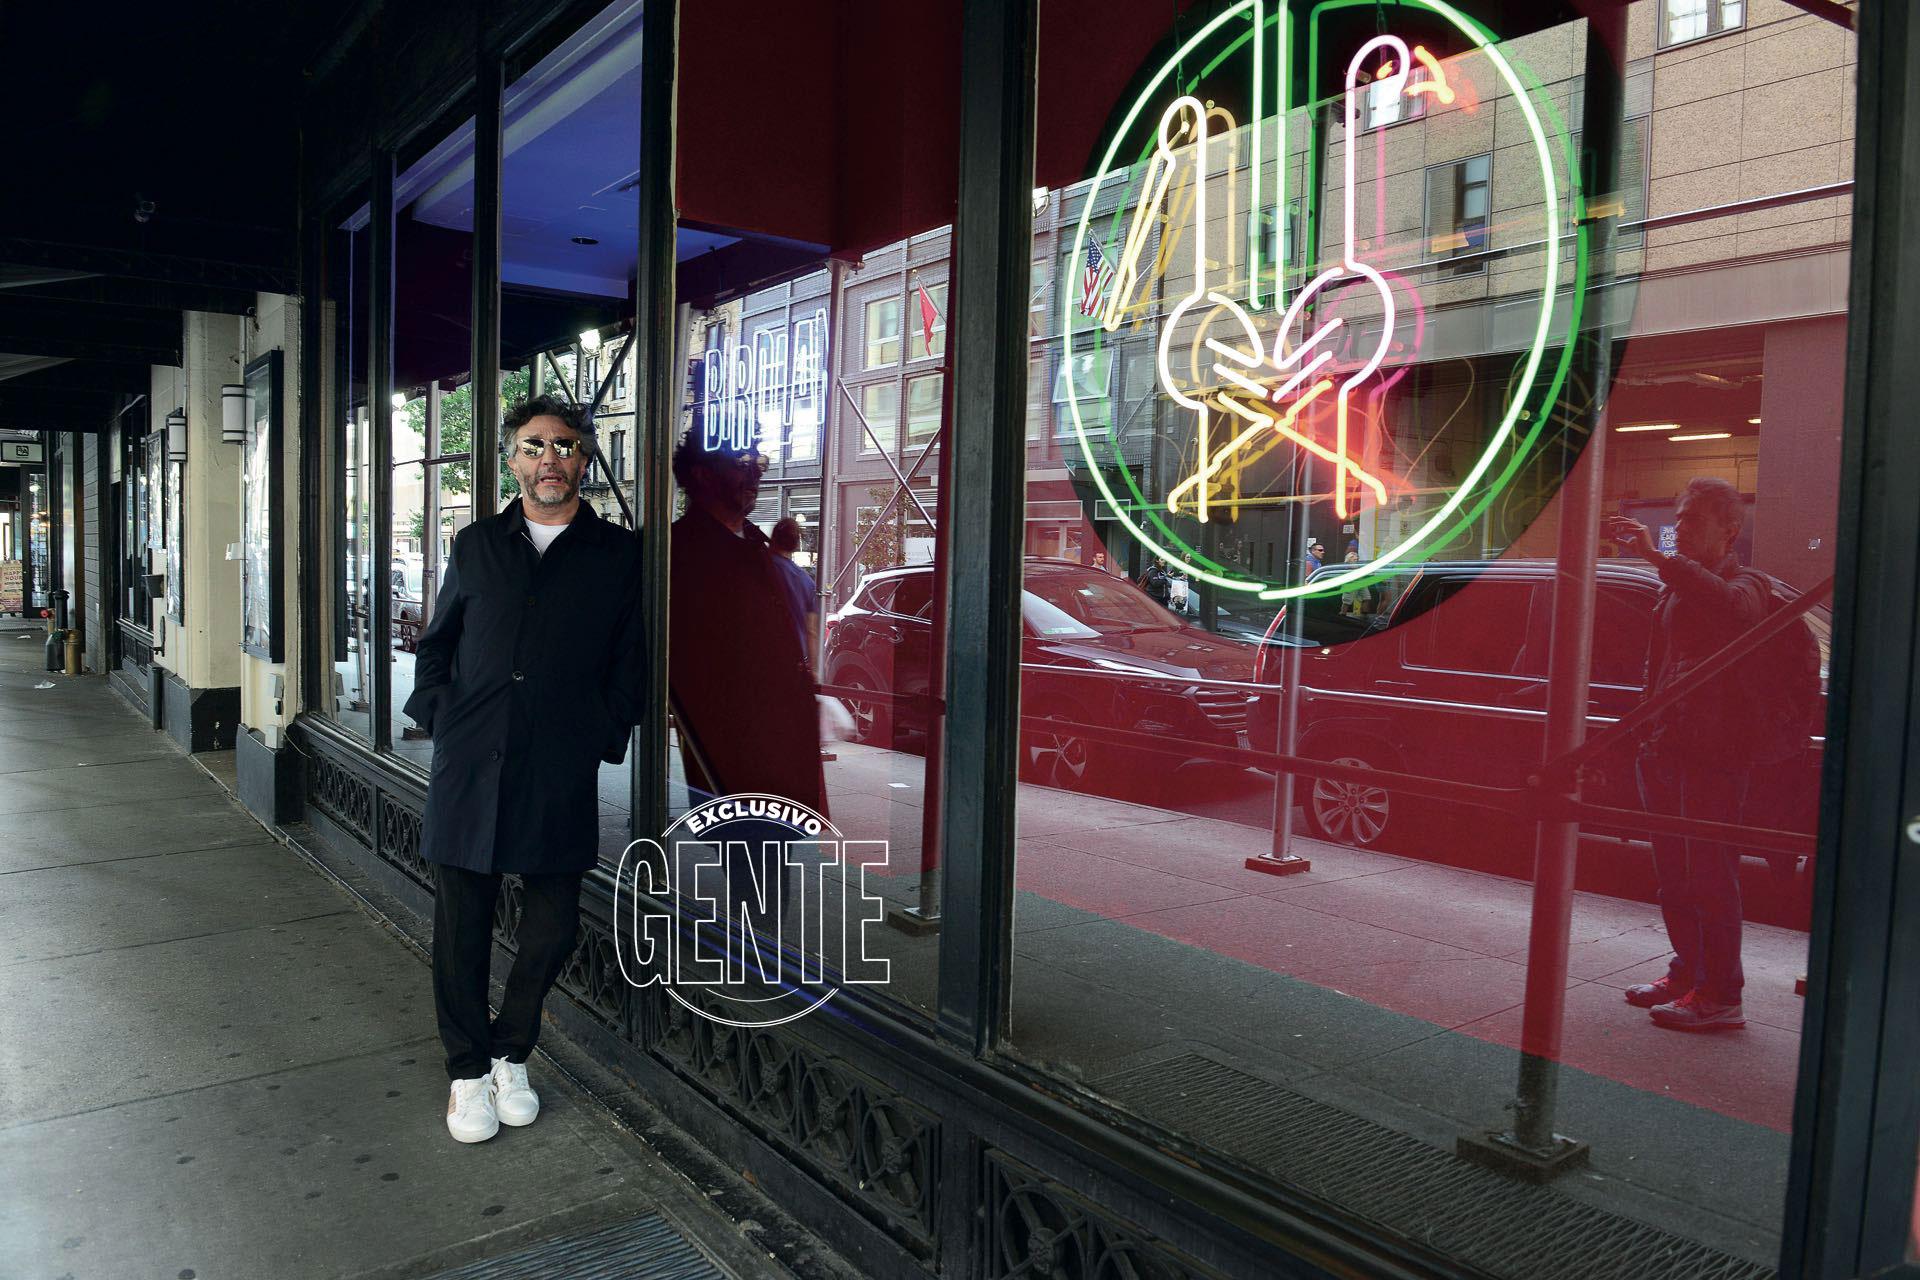 """Paéz en el 315 de la 44th Street: la puerta del Birdland Jazz Club. """"Una casa legendaria que abrió en 1949, por donde pasaron todos los grosos del género: Thelonious Monk, Miles Davis, Lester Young… ¡hasta Michel Petrucciani en los Ochenta! Se decís 'jazz' en Nueva York, decís Birdland o Blue Note, dos sitios maravillosos para visitar y disfrutar""""."""